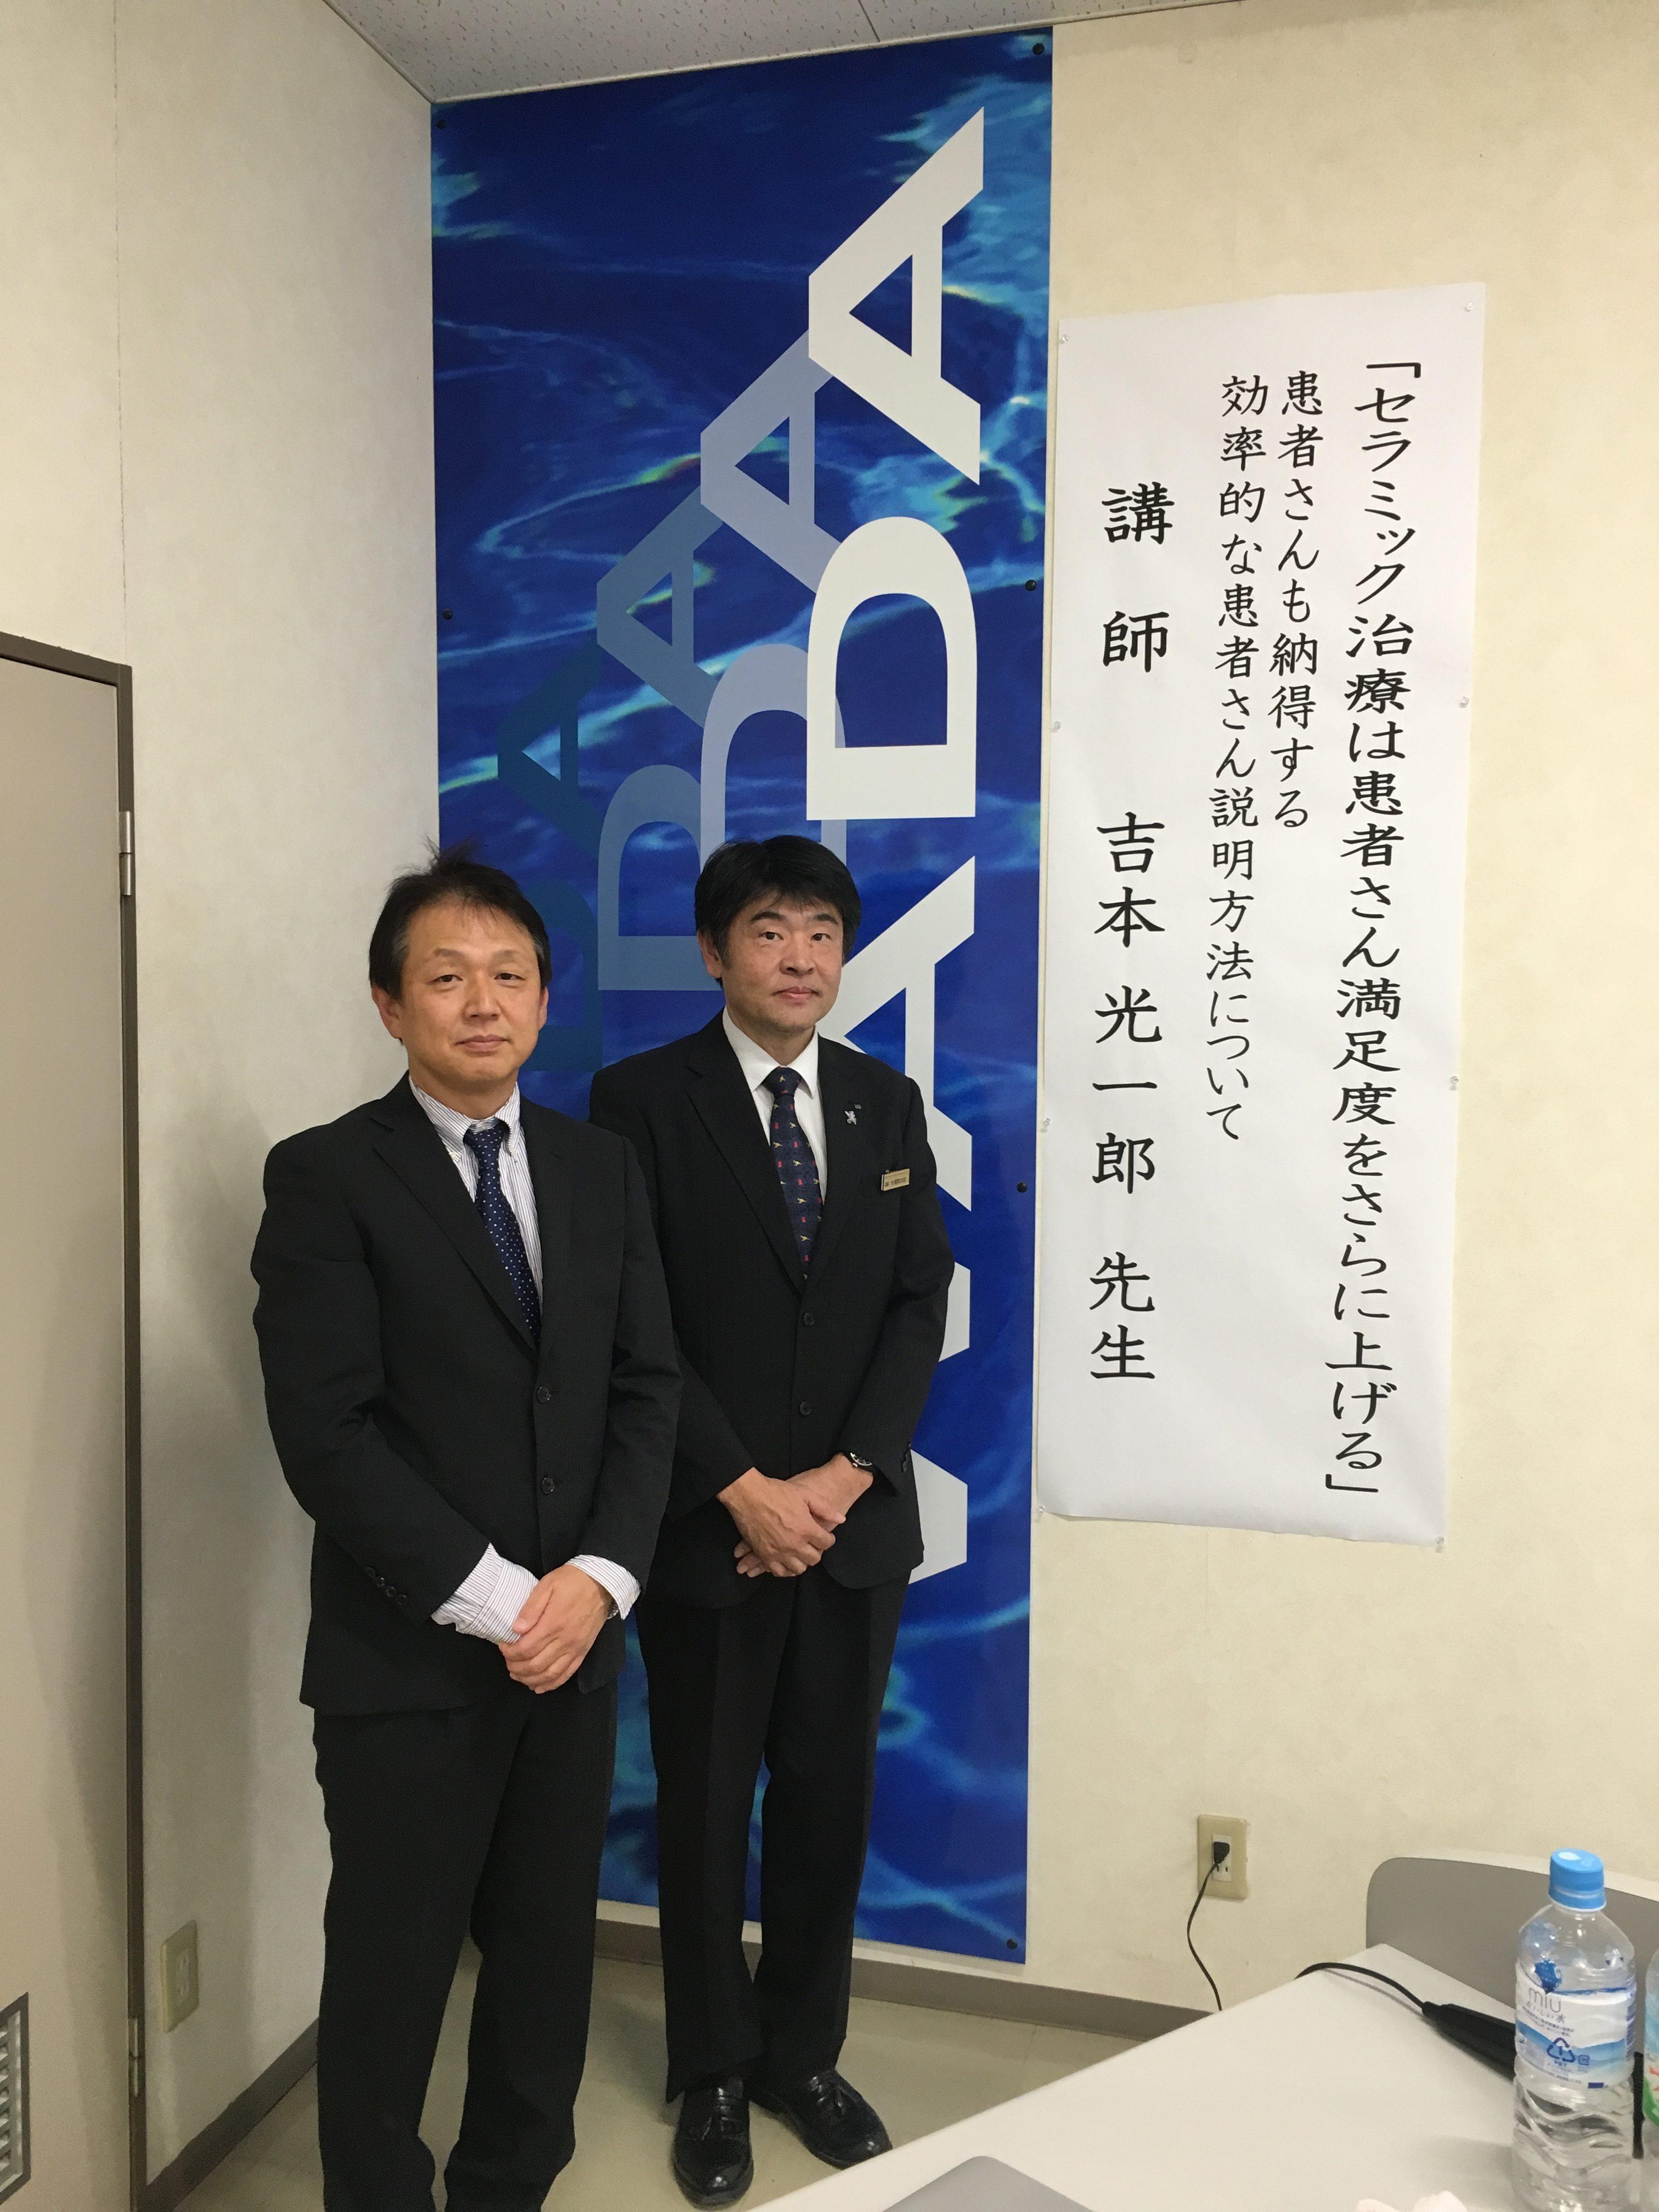 和田セミナー2017.10.1